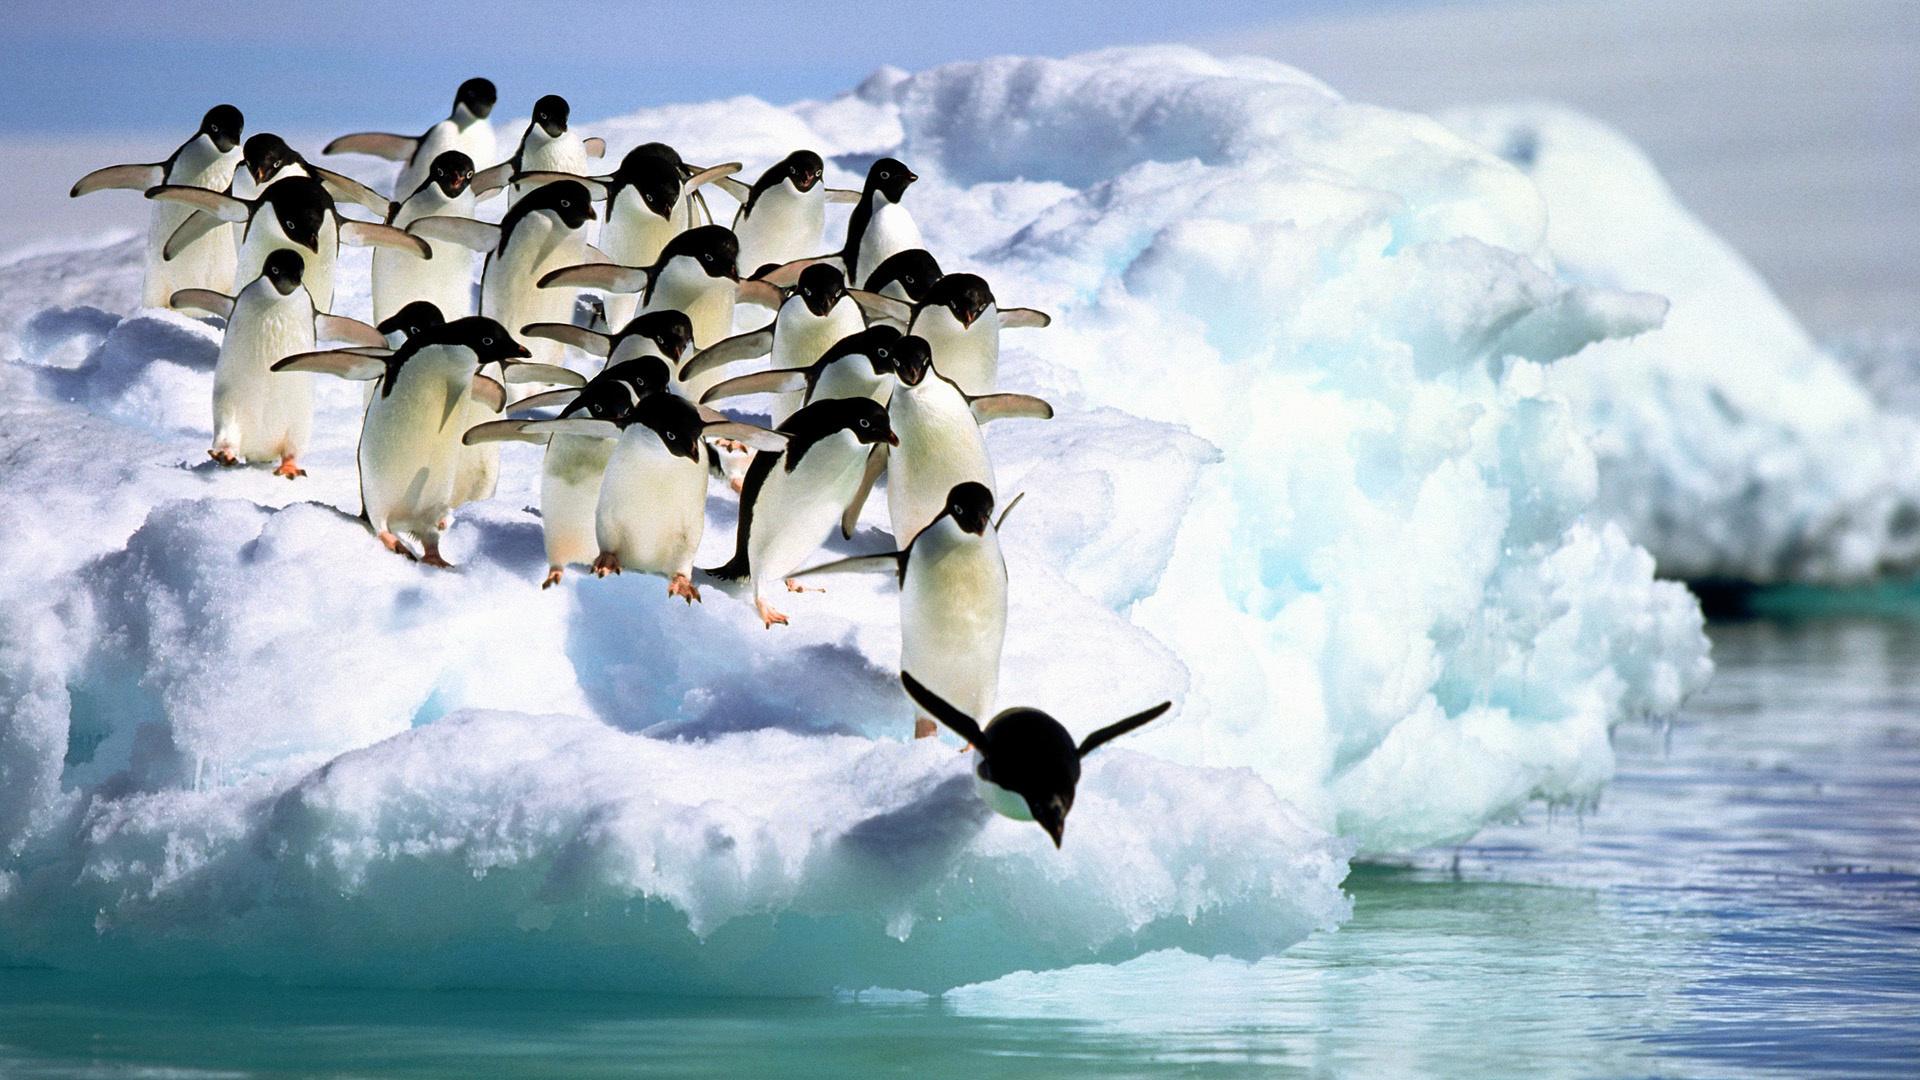 обои на рабочий стол пингвины на льдине завершающий штрих